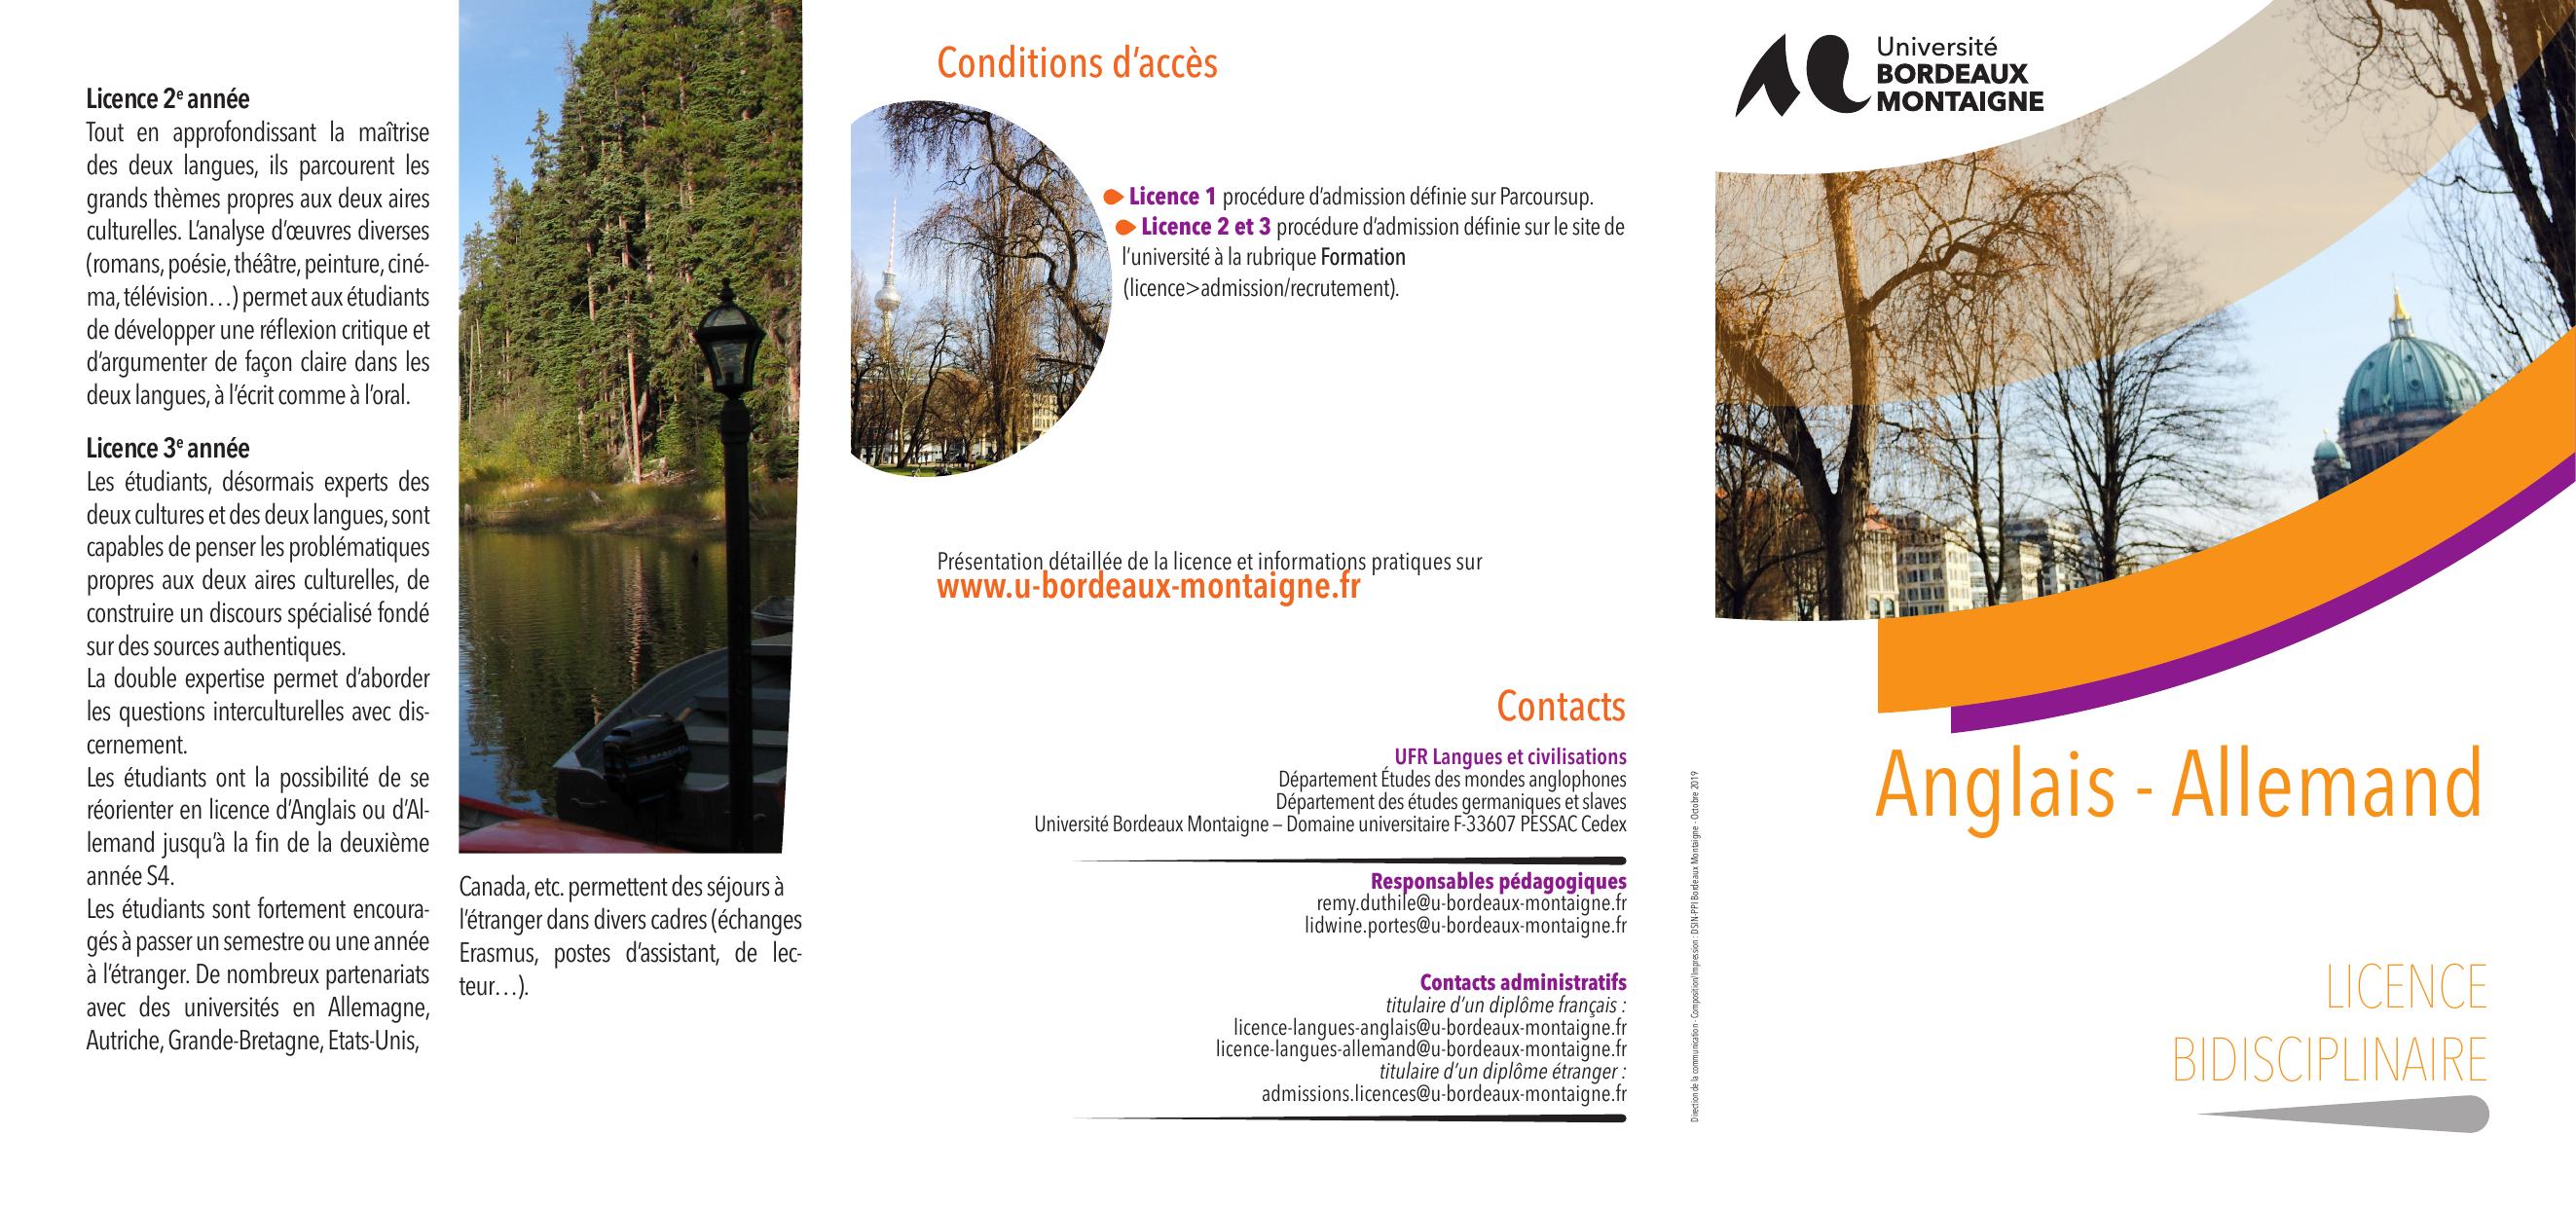 Licence anglais allemand universit bordeaux montaigne - Bureau des licences bordeaux ...